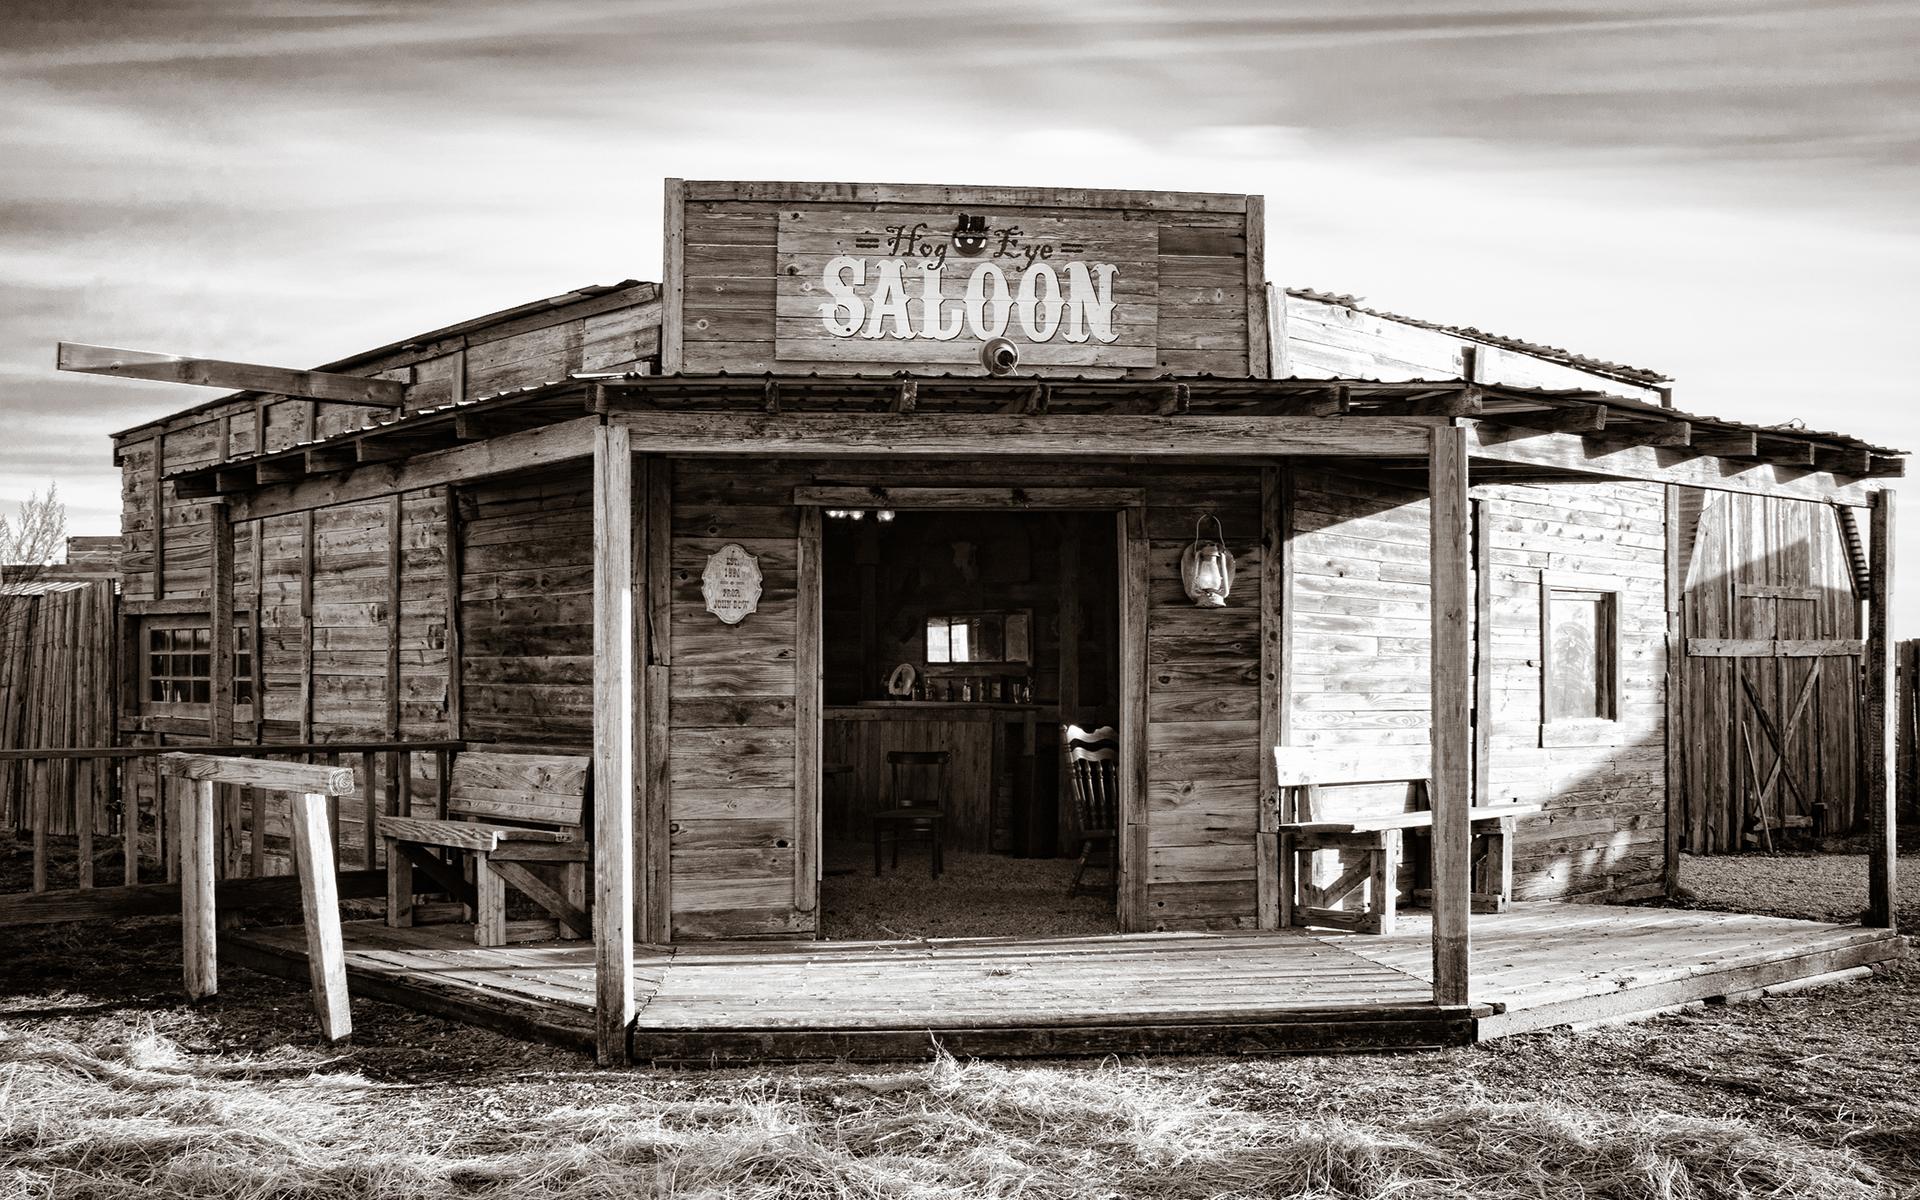 http://lapardin.pro/wp-content/uploads/2015/03/w_saloon.jpg